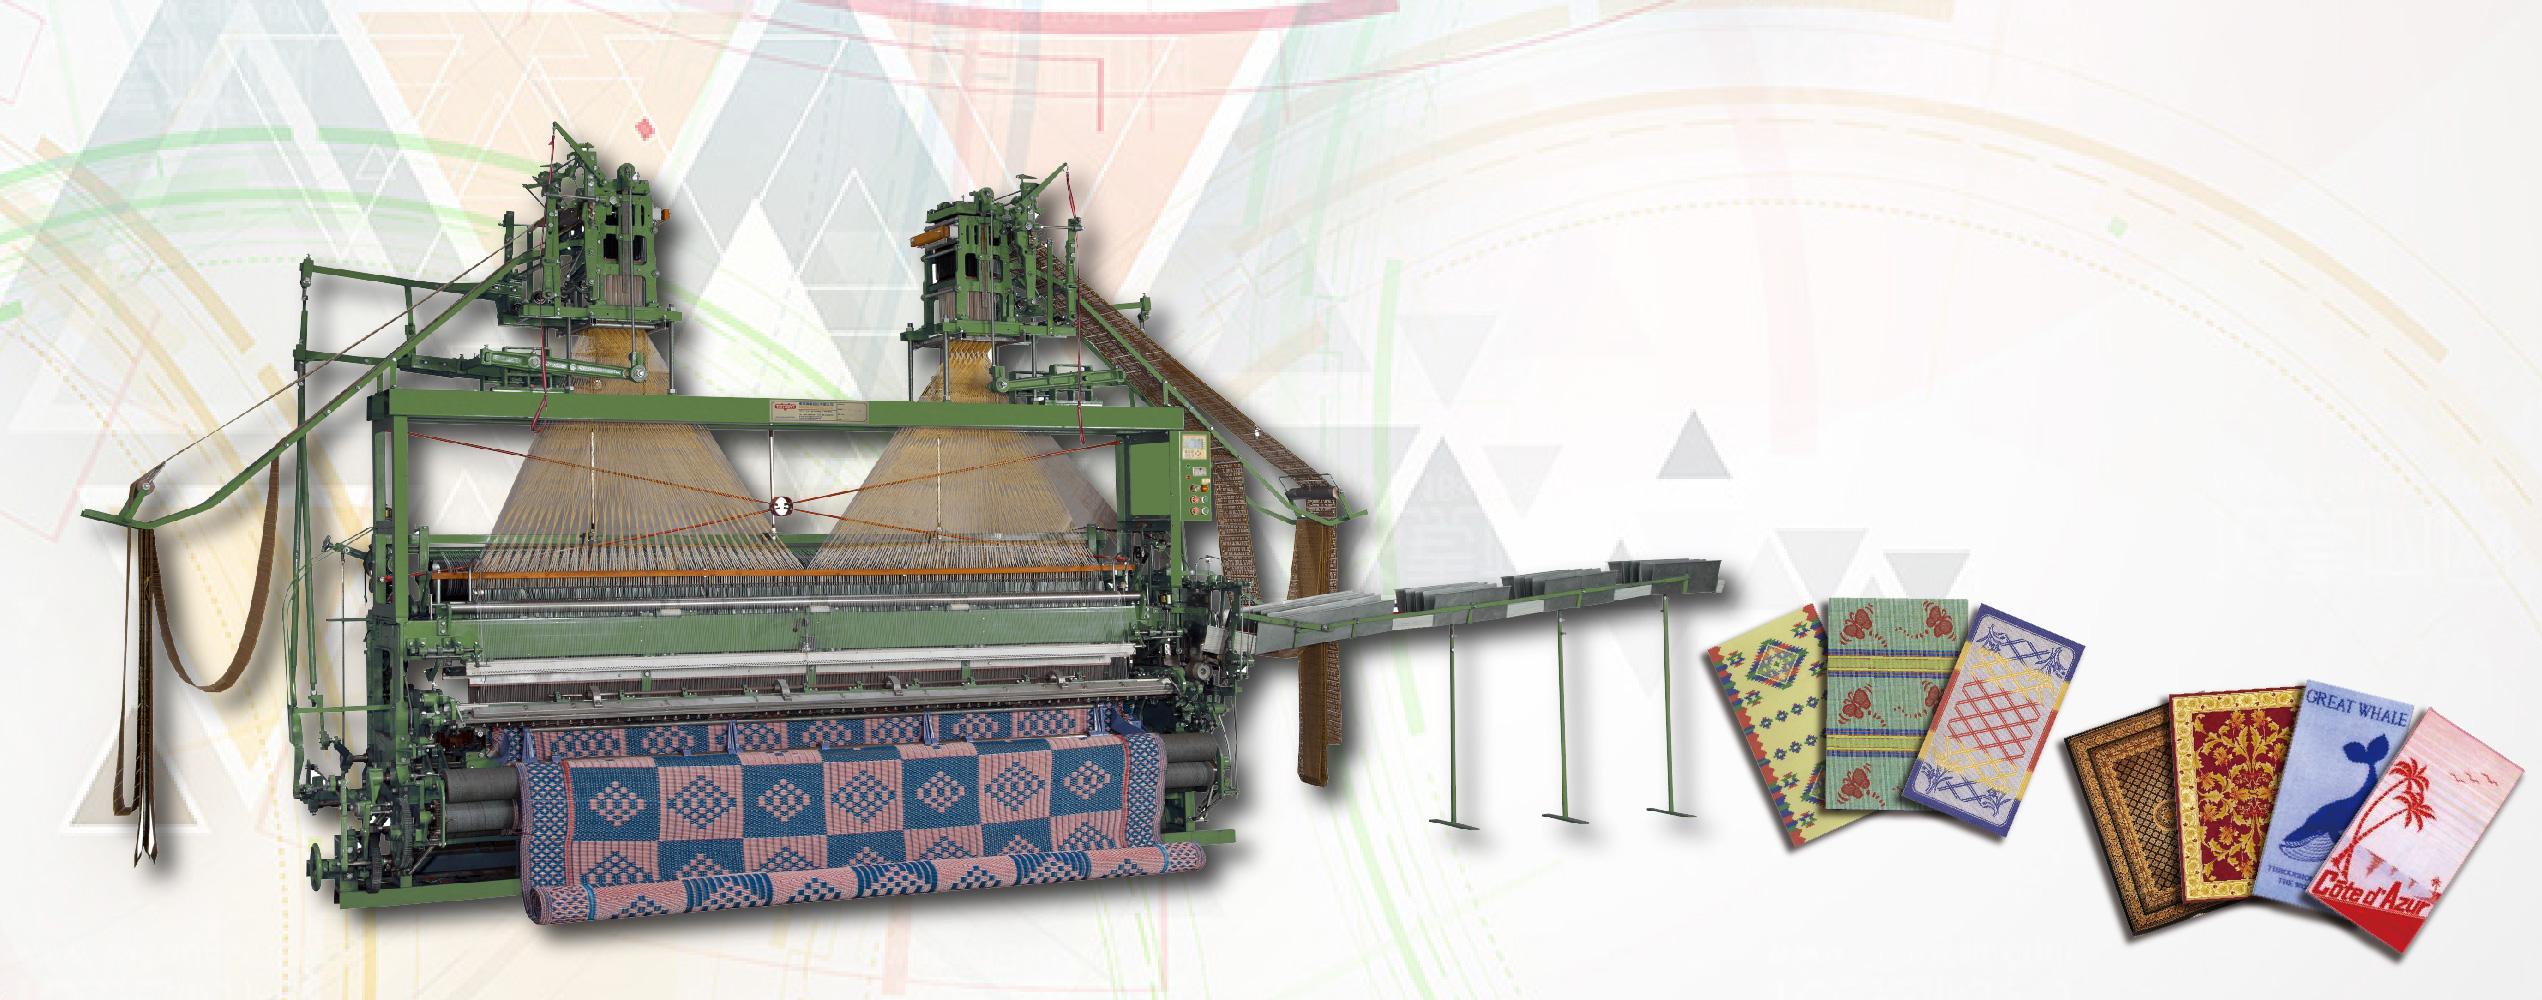 Tự động Jacquard Weaving Cỗ máy